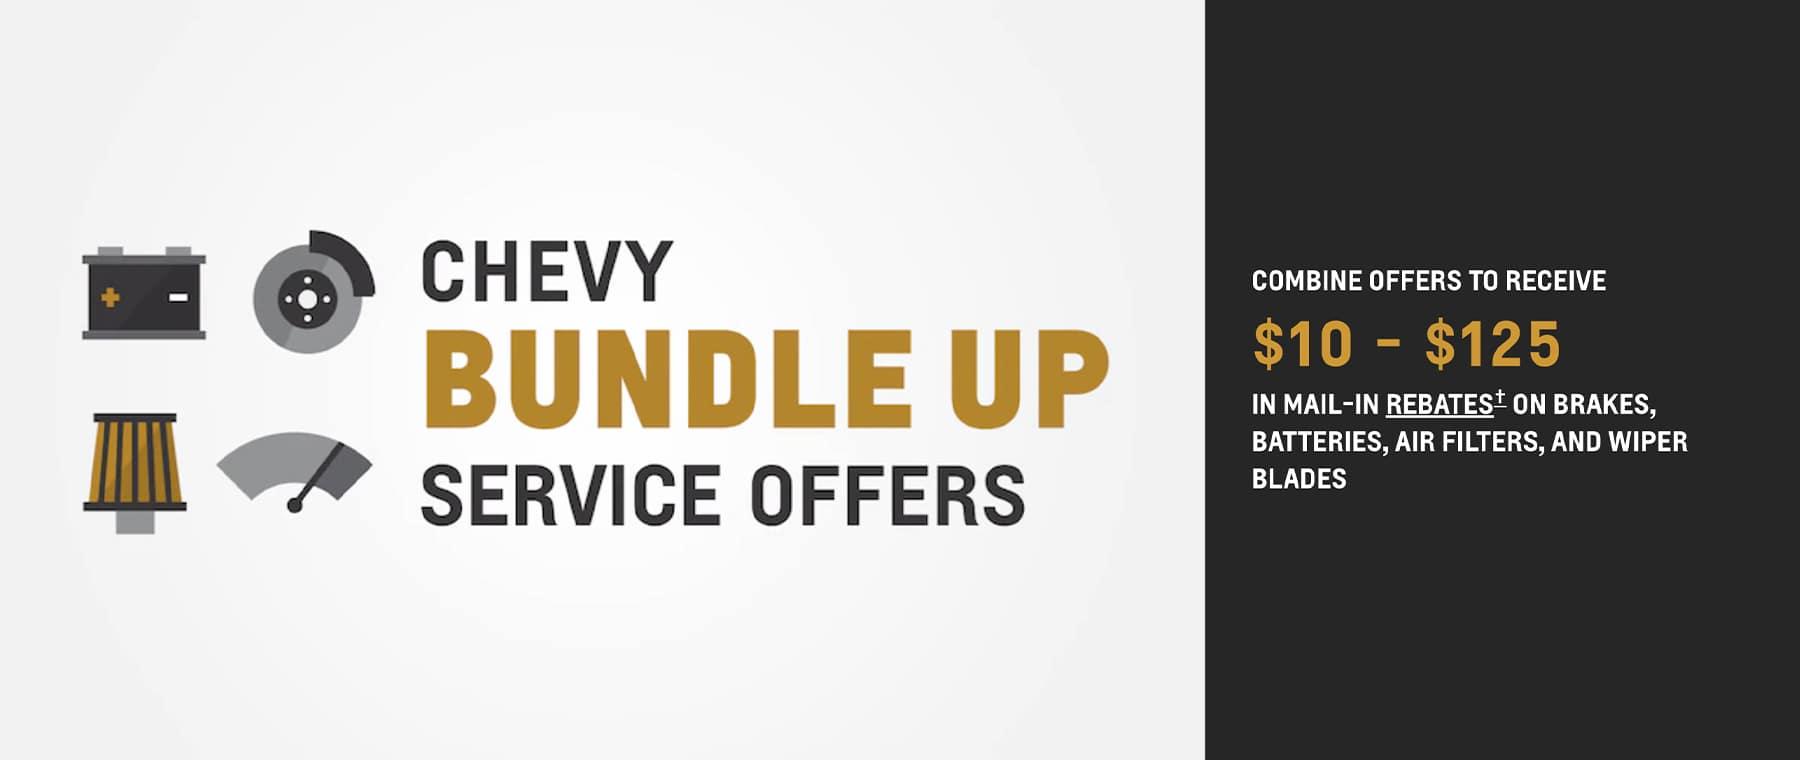 Bundle Up Service